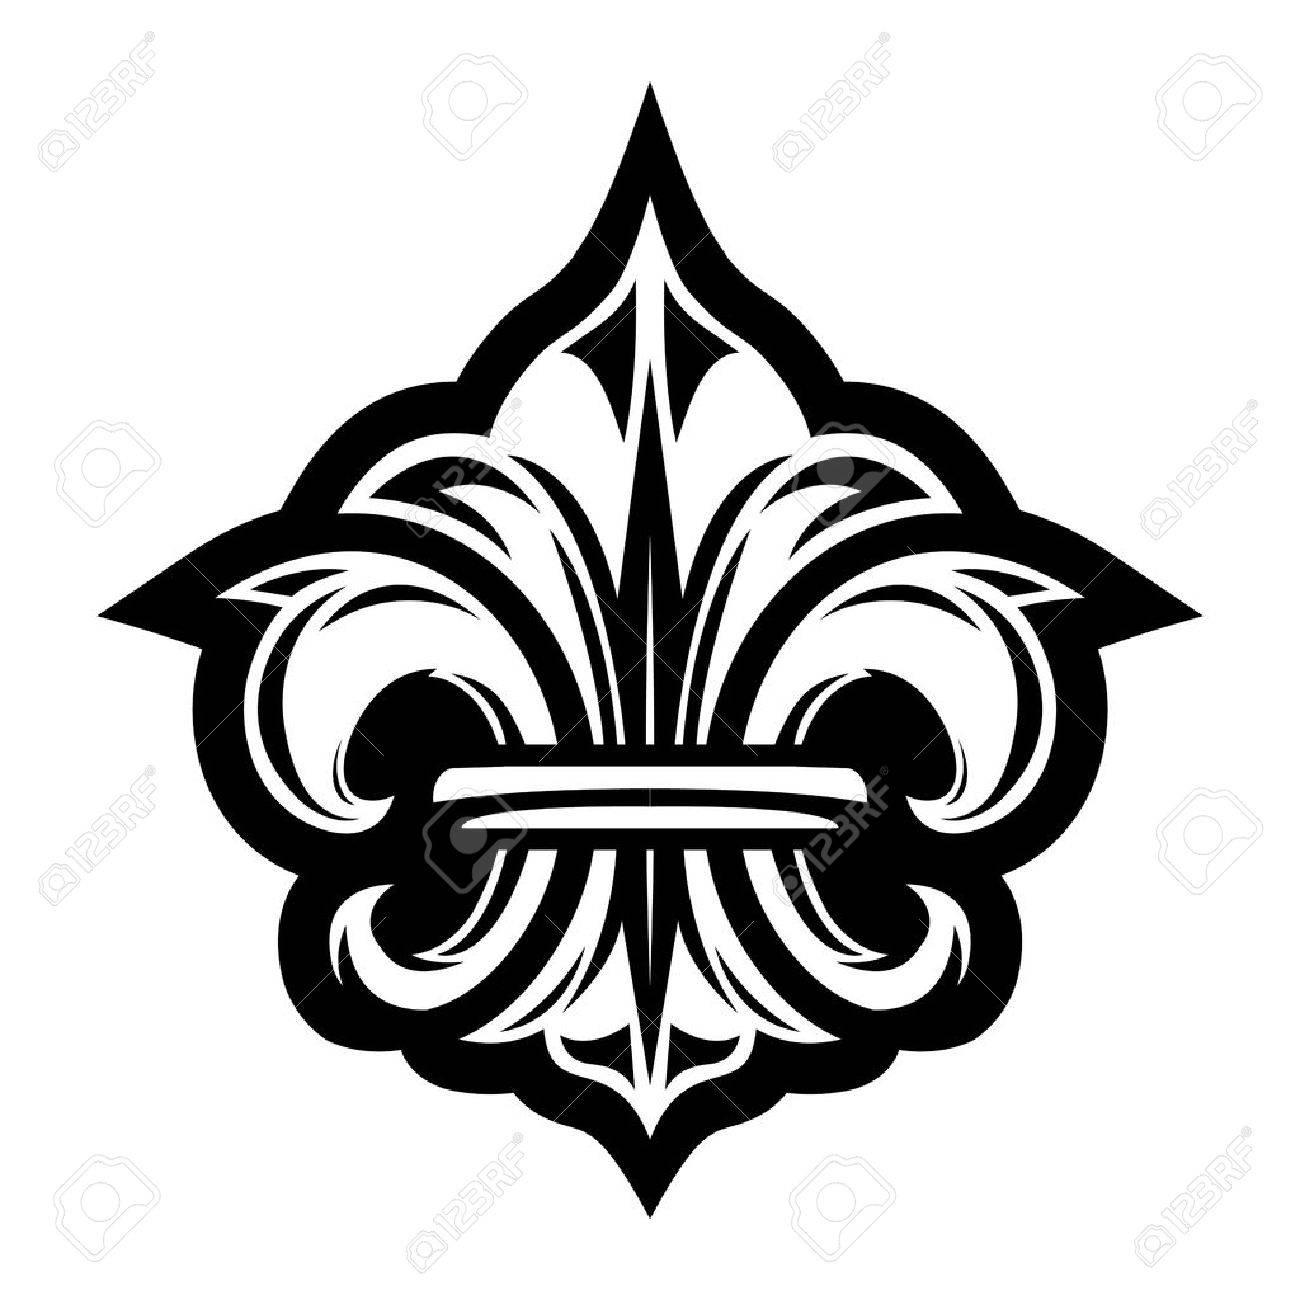 Fleur De Lis Symbol Royalty Free Cliparts Vectors And Stock